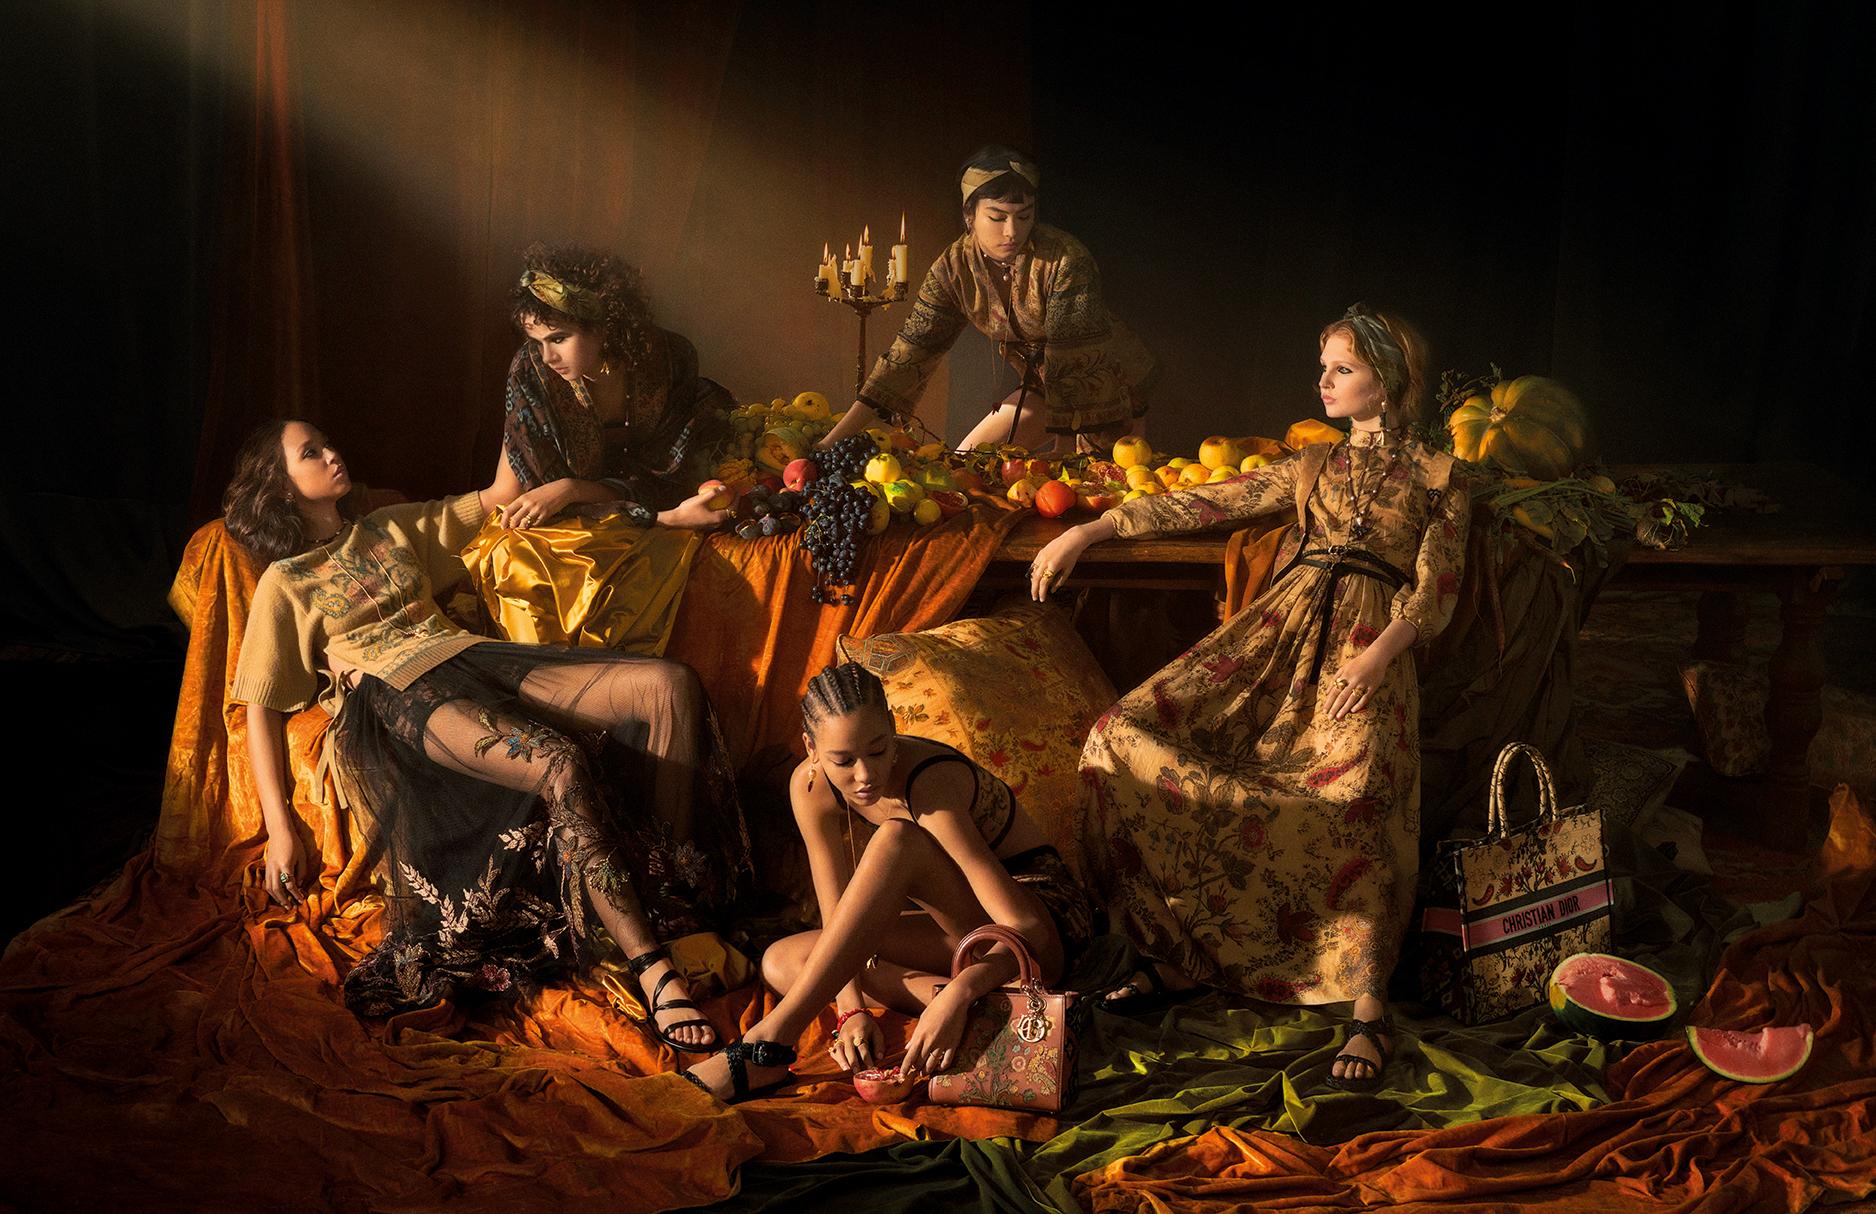 La Nuova Campagna Pubblicitaria di Dior